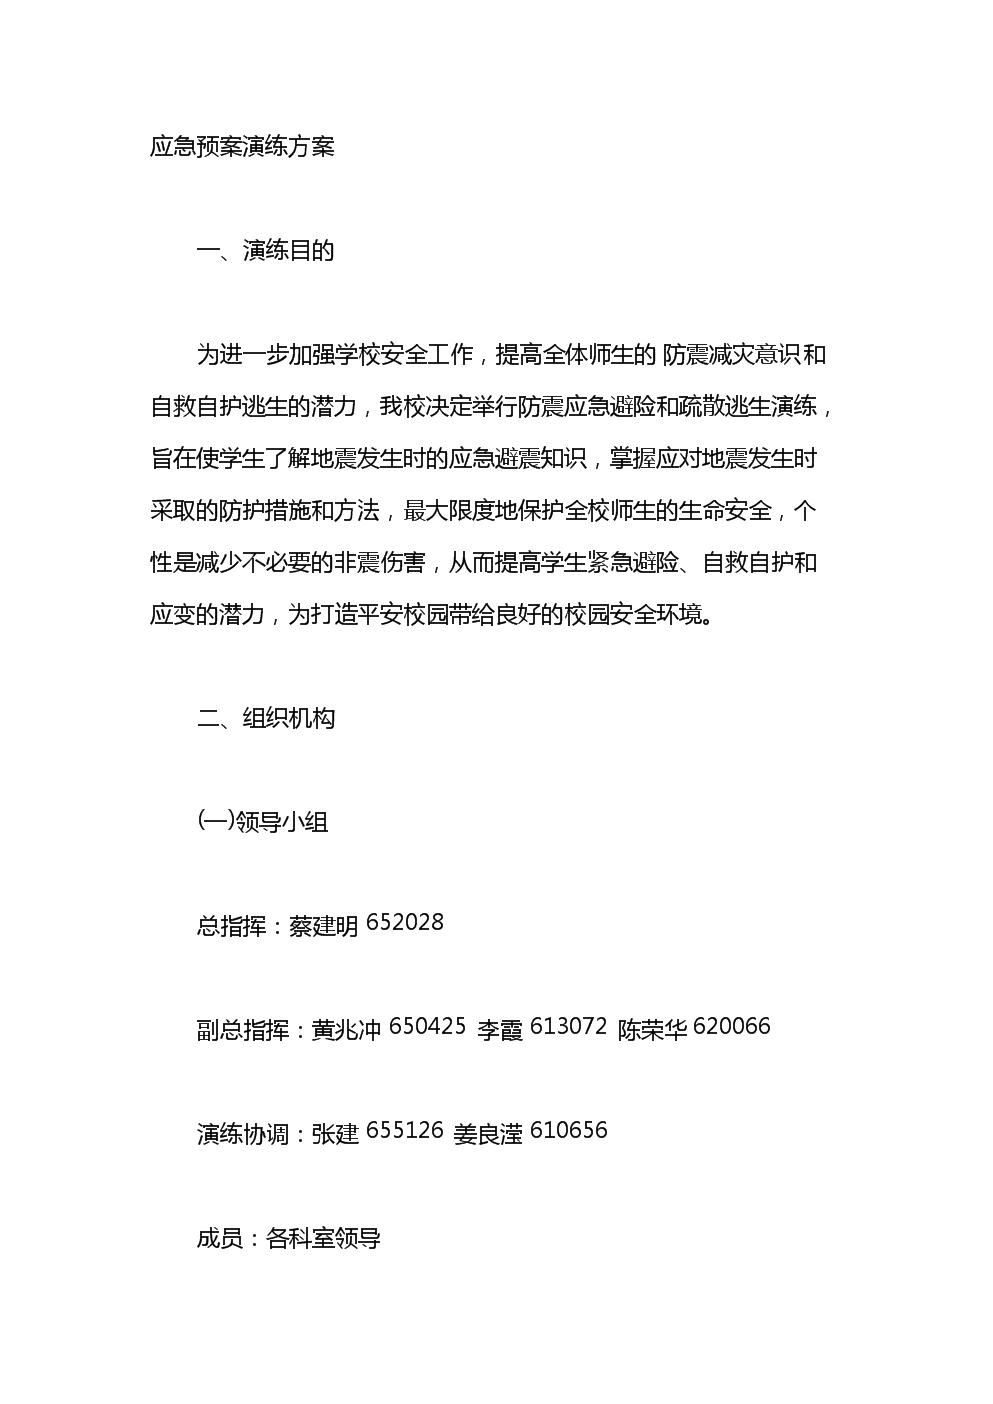 防震减灾意识应急预案演练方案.docx